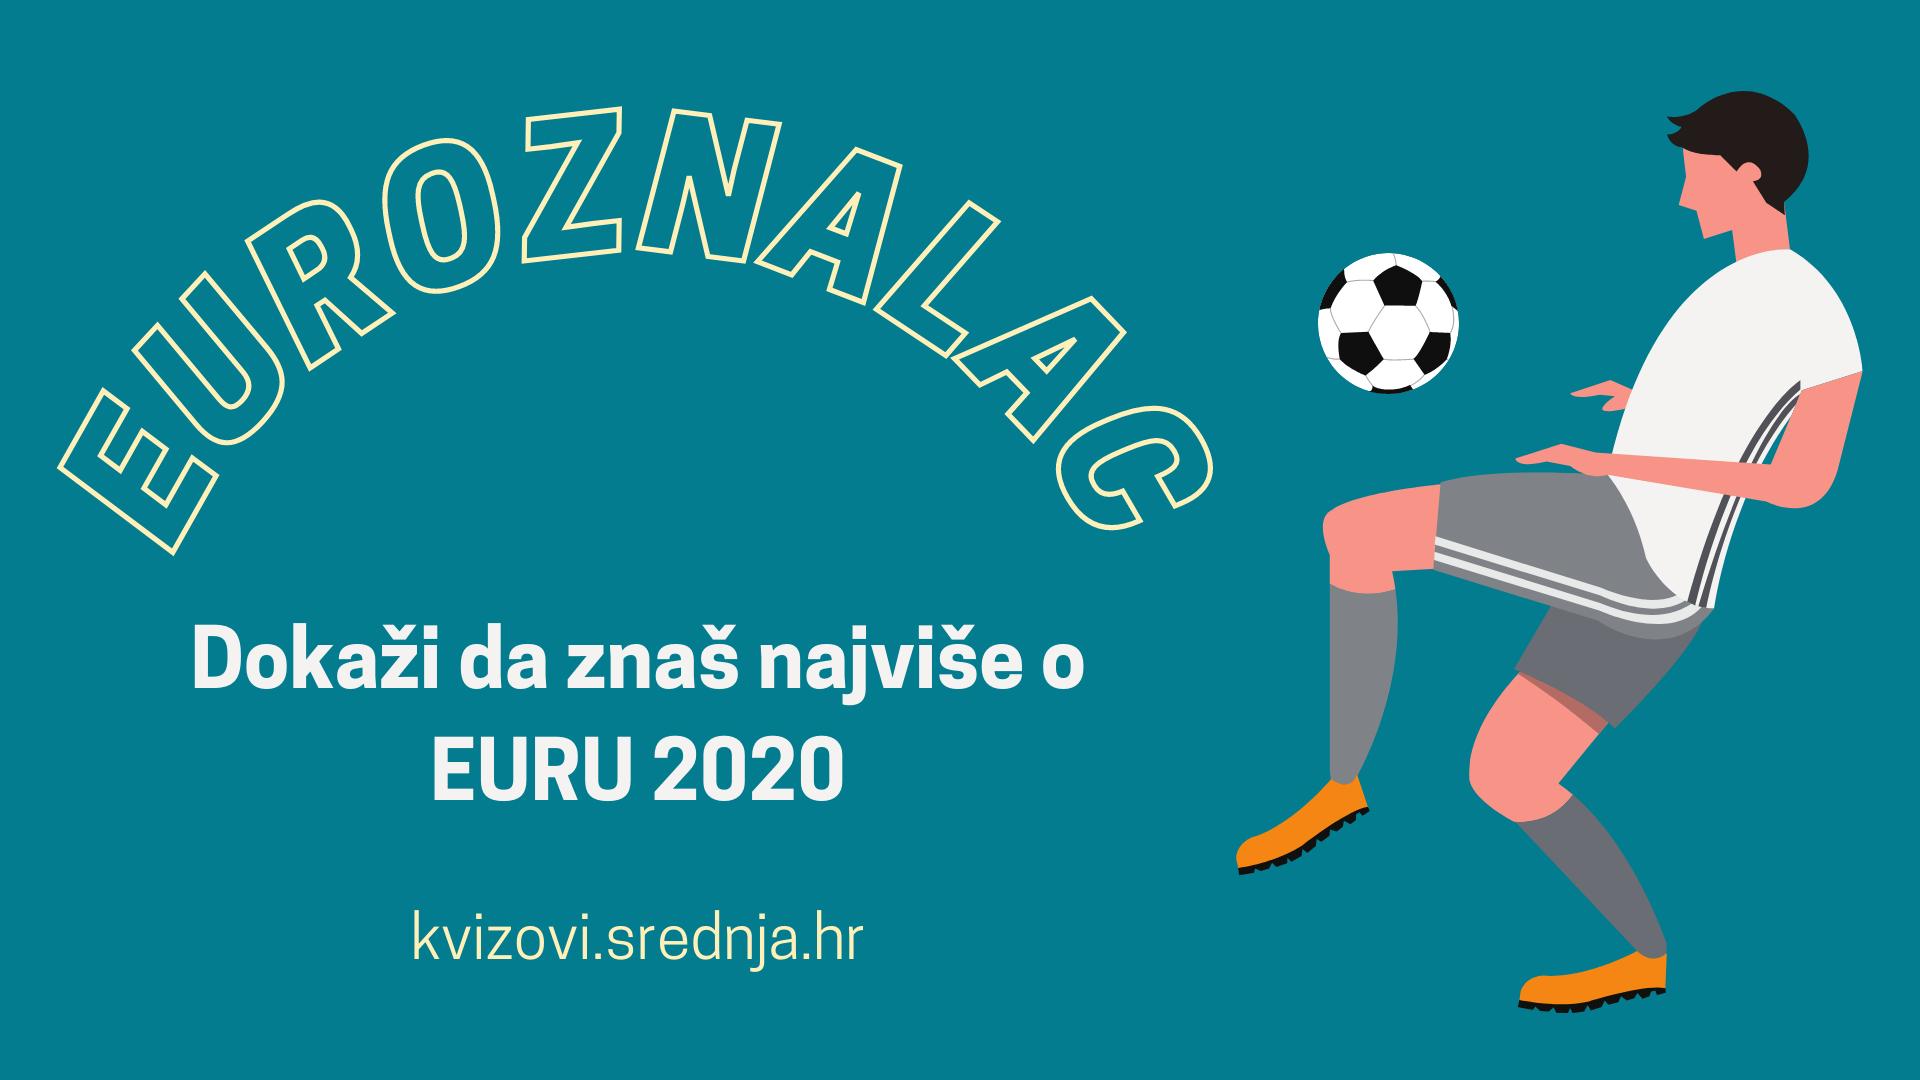 Postavi pitanje o Euru 2020 i dokaži da imaš najveće znanje o nogometu